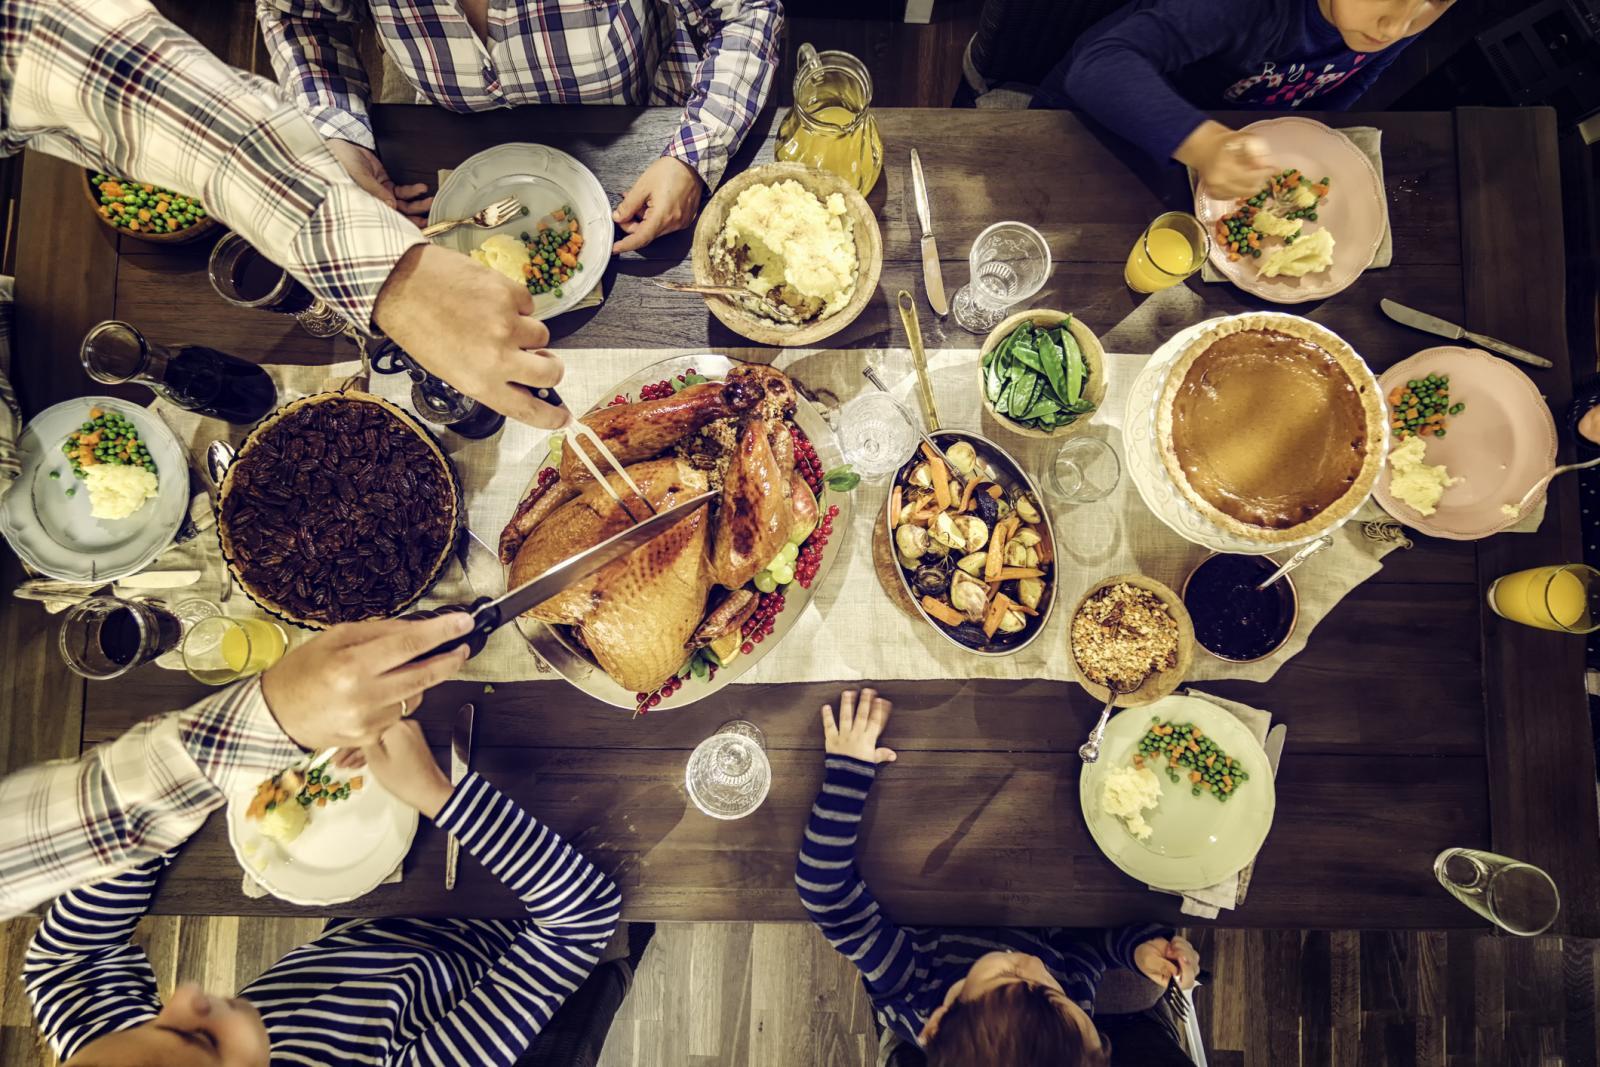 Blagdanski objedi u našim su krajevima prave gozbe, ali gozbe s posljedicama...